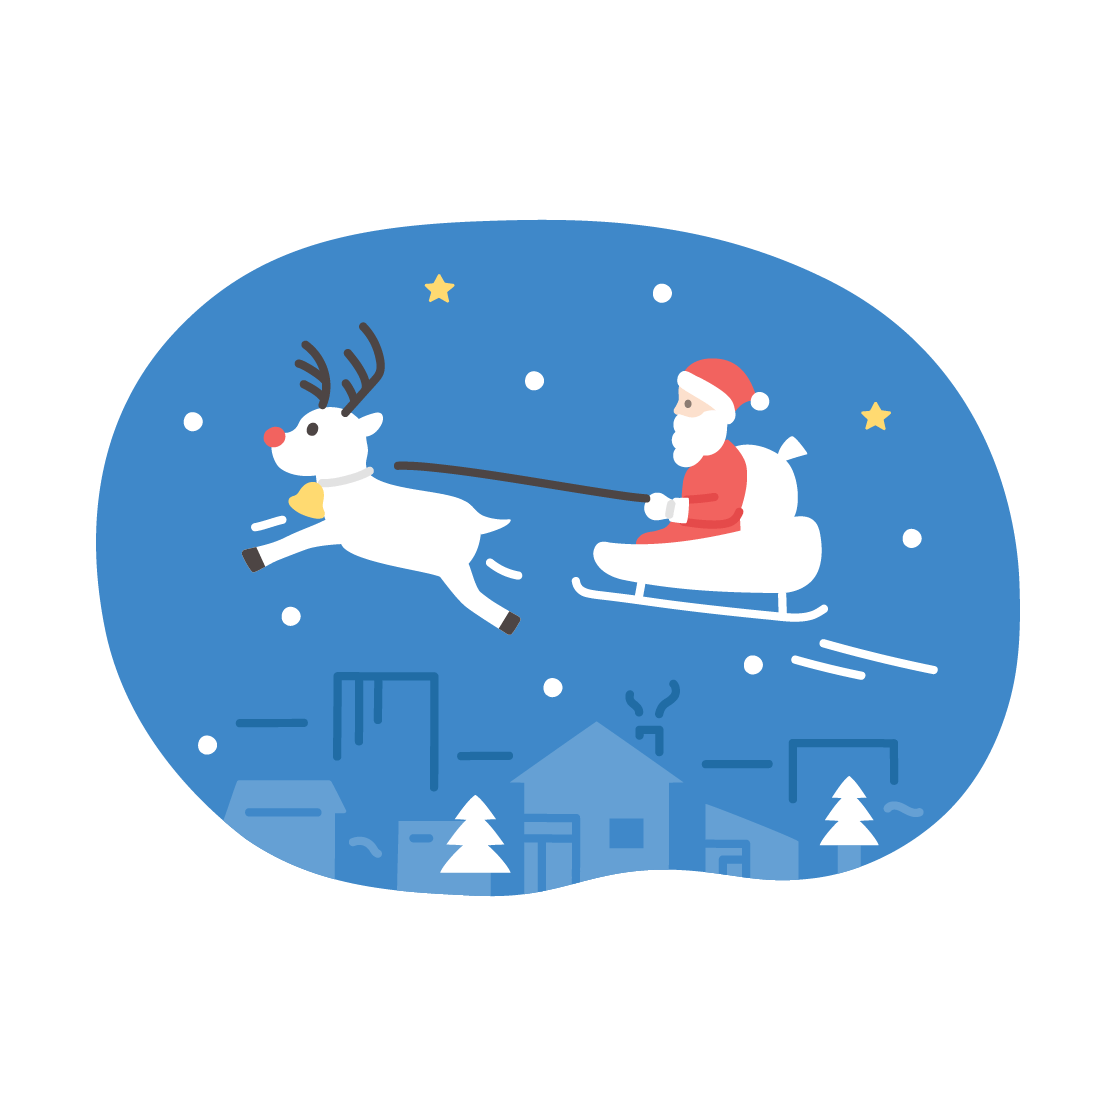 クリスマス(サンタとトナカイ)の塗りイラスト